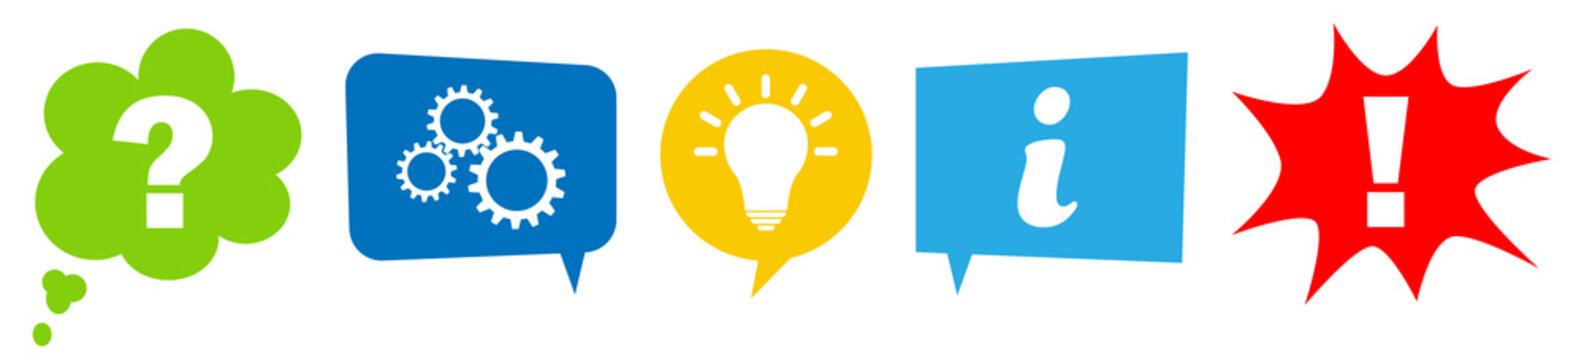 Sprechblasen Set mit Prozess Schritten von der Frage, Bearbeitung, Idee bis zur Ausführung